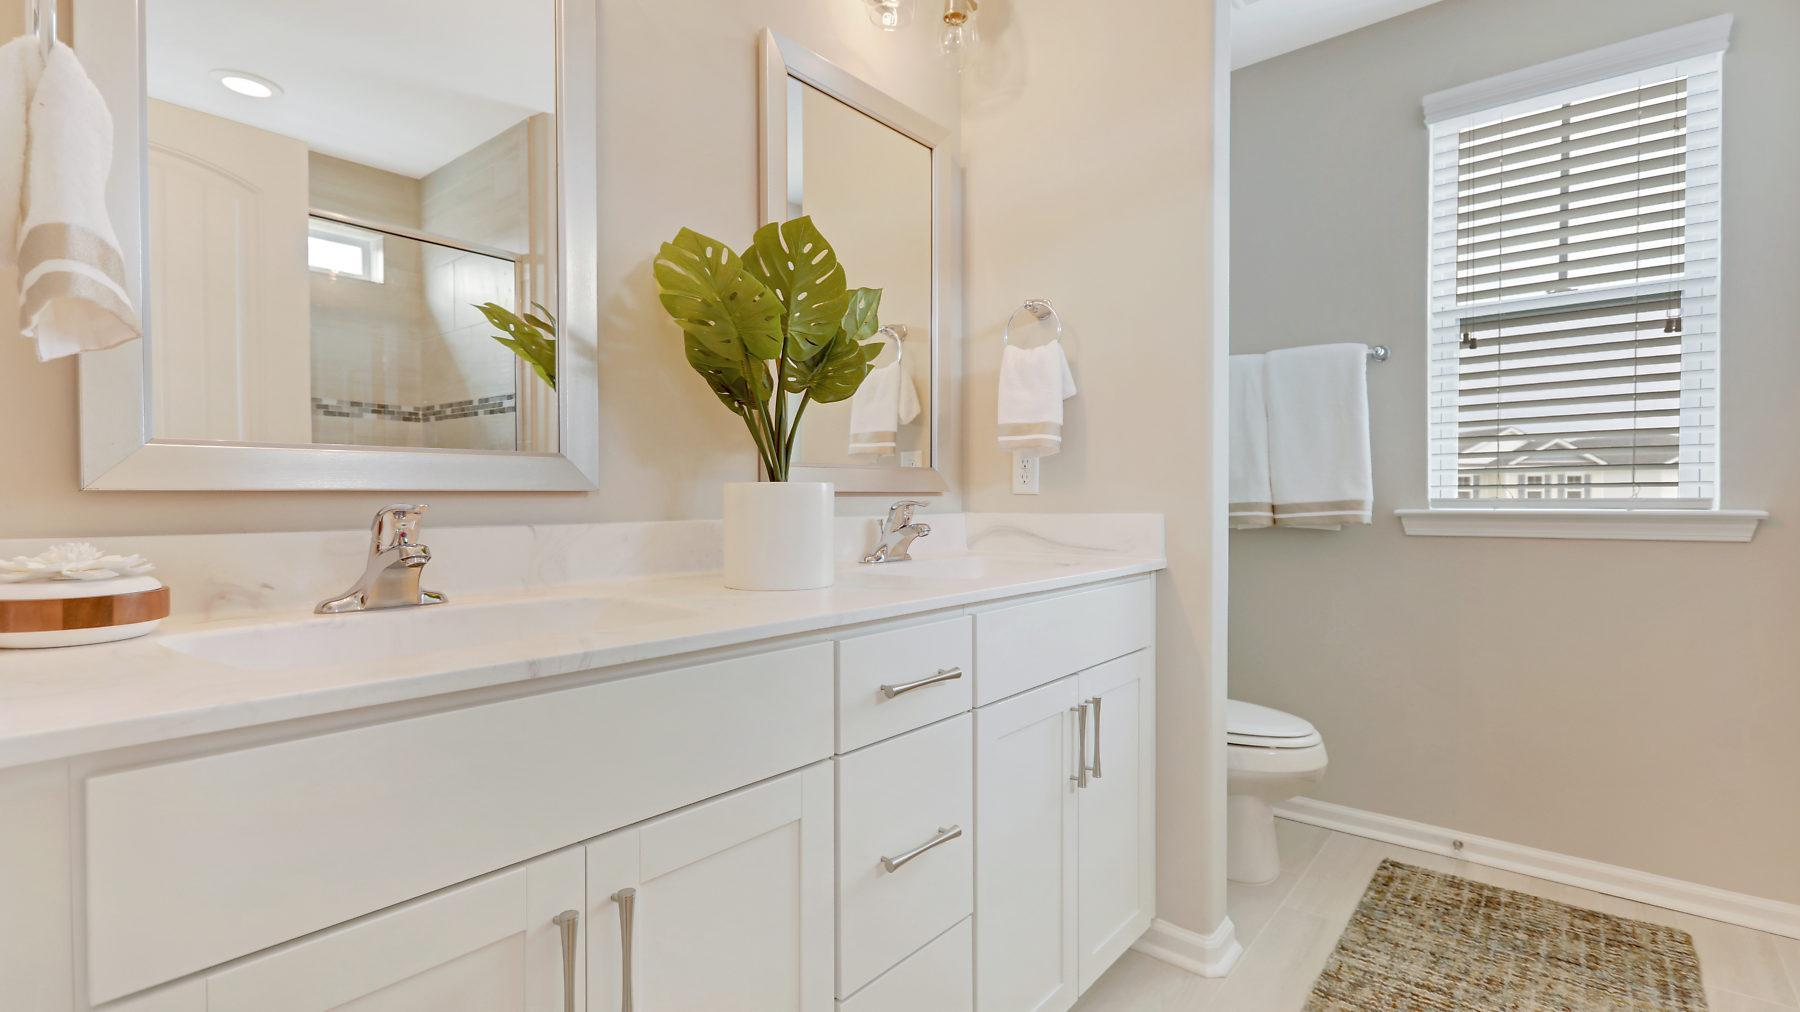 Bathroom featured in the Harborside By Landmark 24 Homes  in Savannah, GA